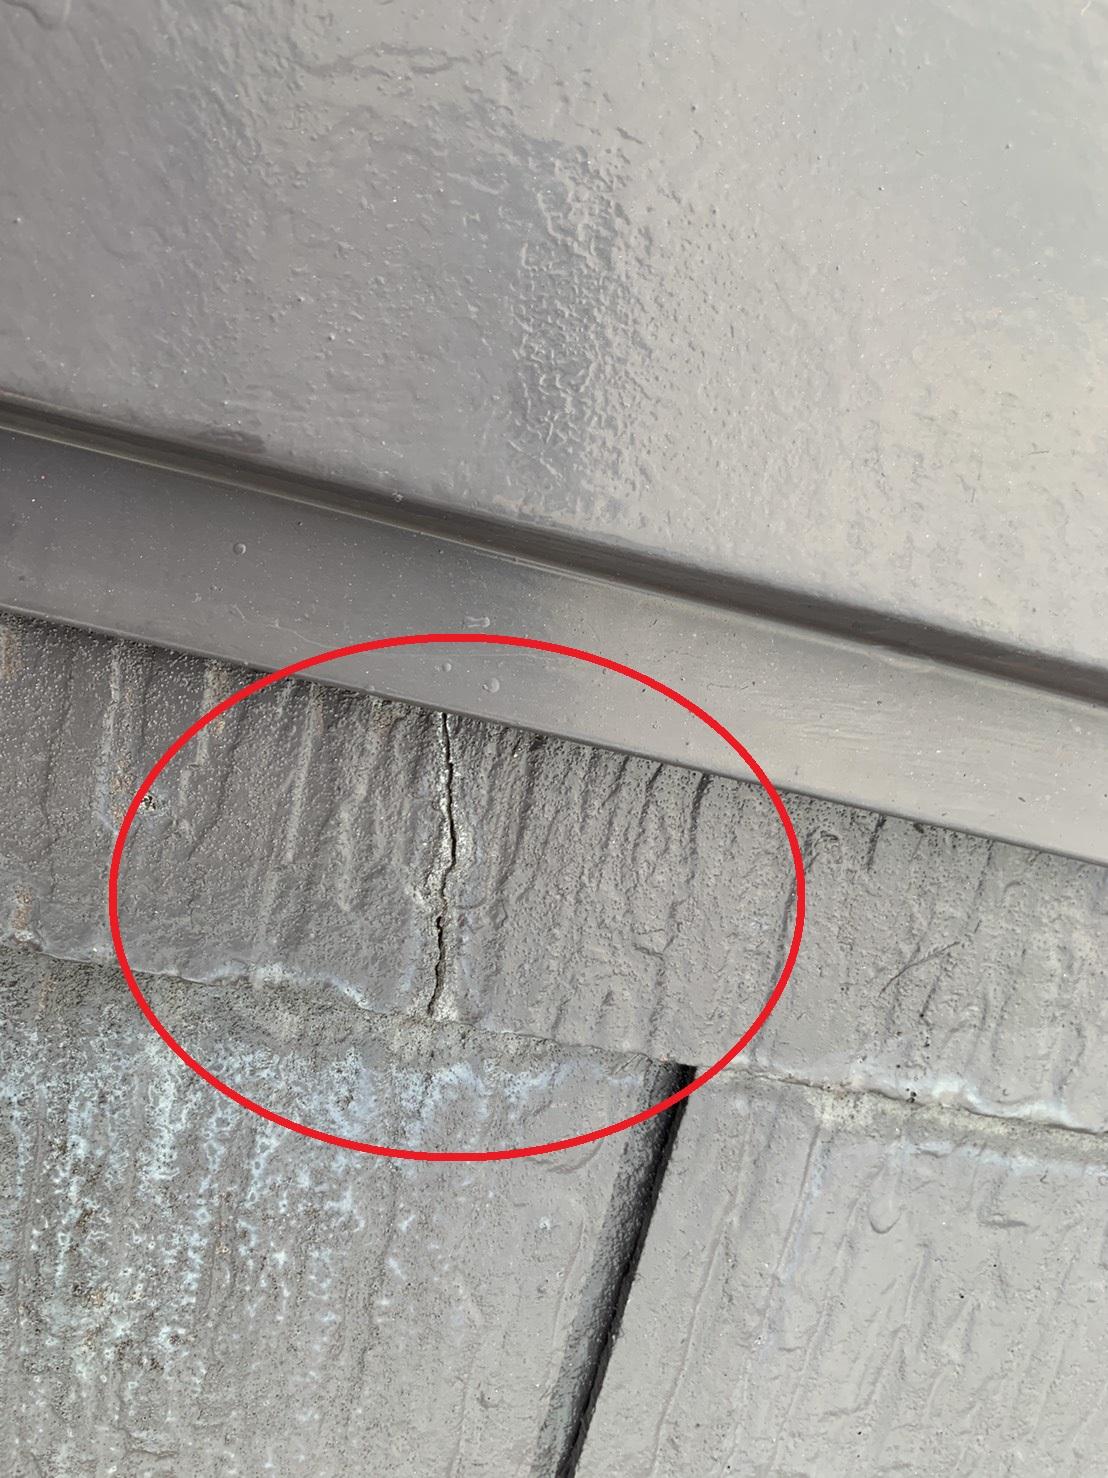 台風被害を受けやすいひび割れたスレート屋根の様子